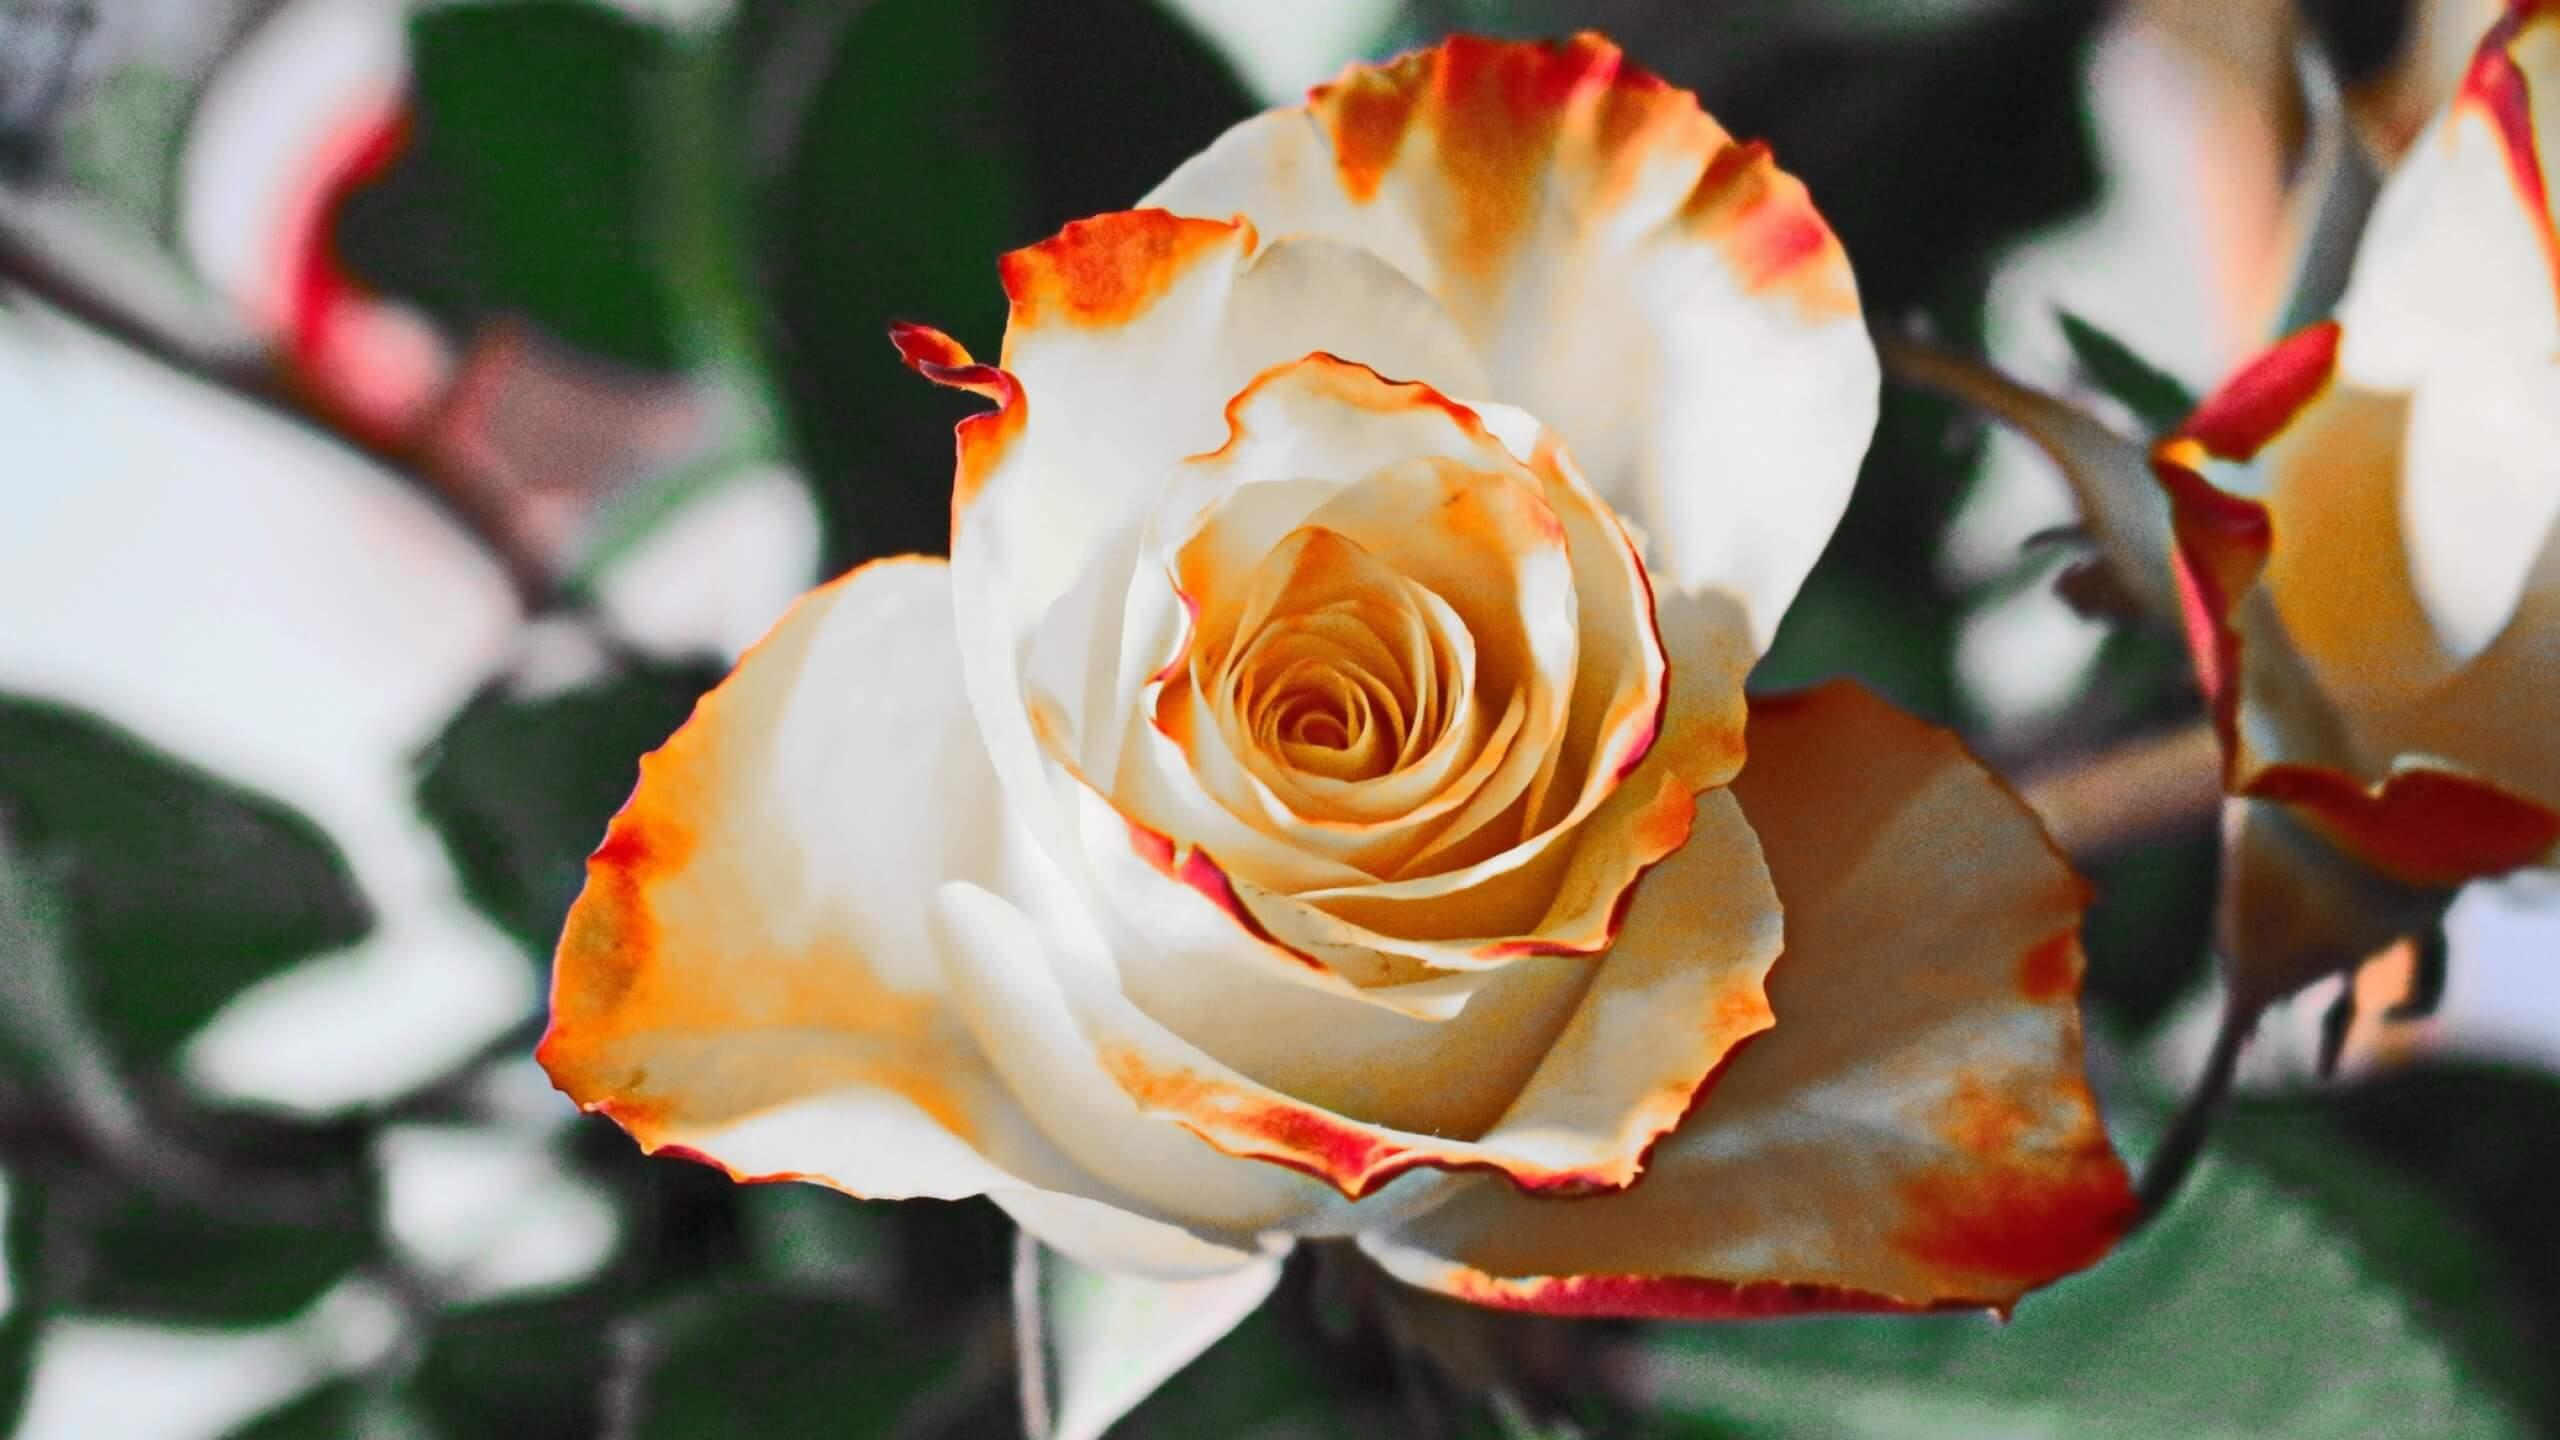 Удивительные картинки с розами, интересная сборка 27 фото 3